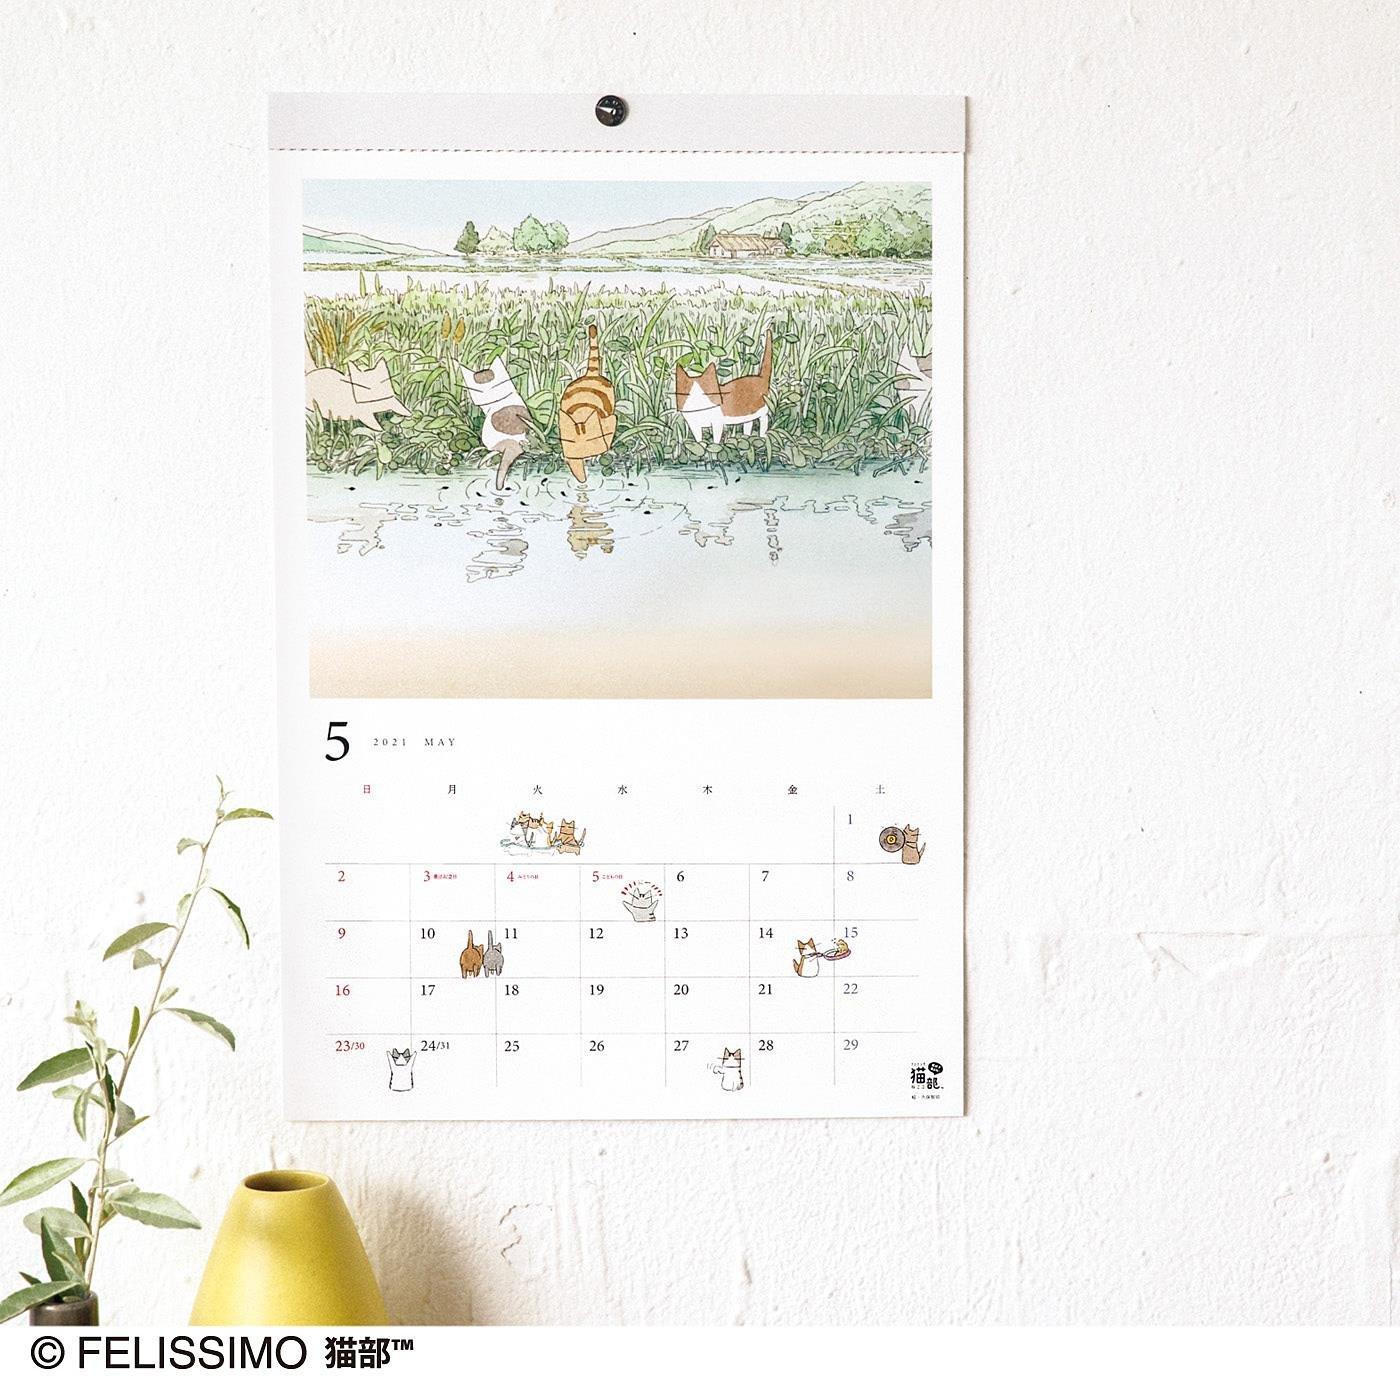 日本画家 久保智昭さんとつくった 猫とめぐる里山の四季カレンダー 2021